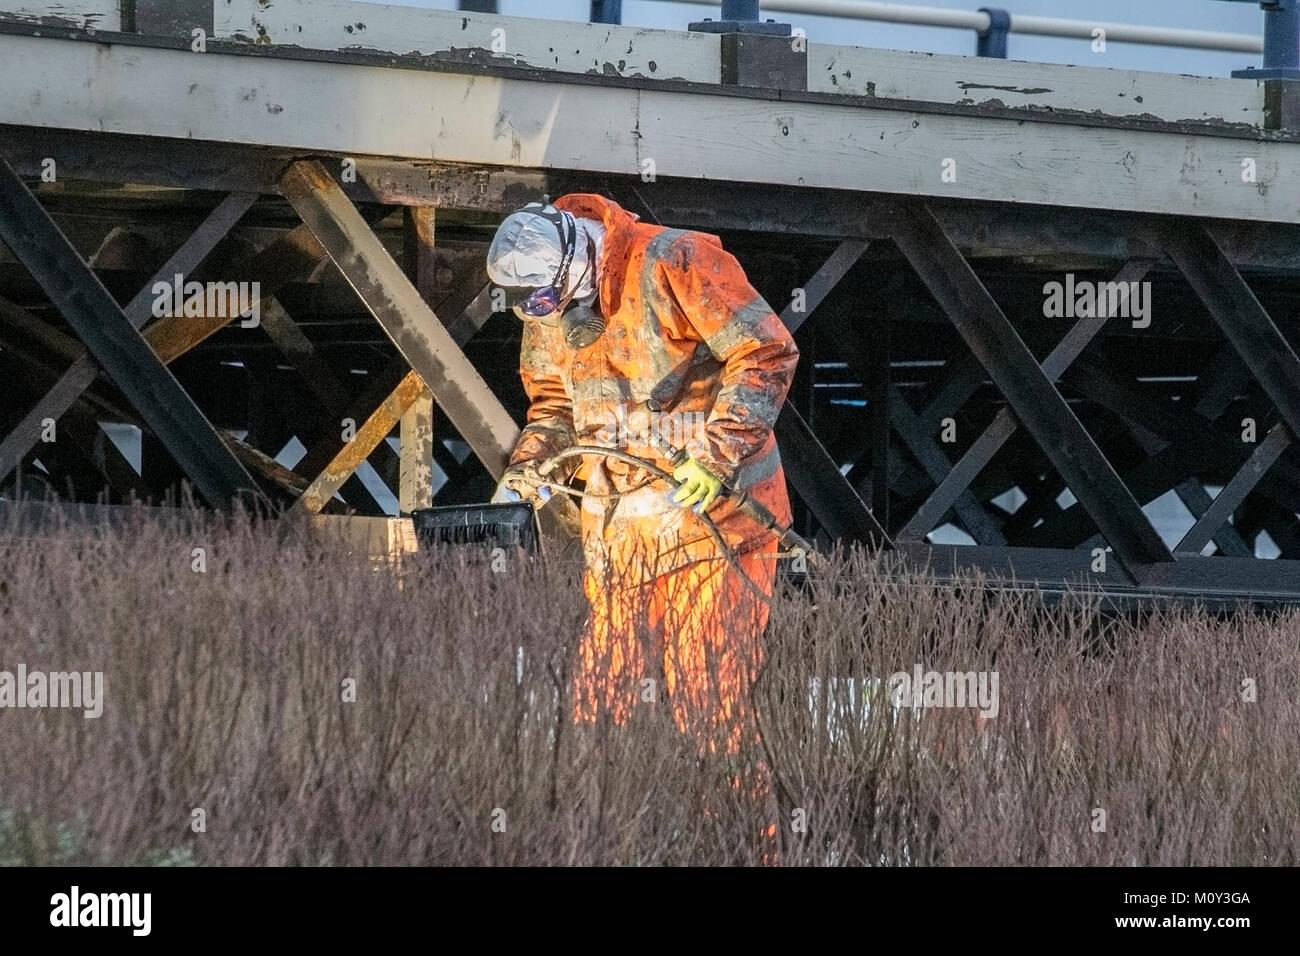 Uma metalúrgica de soldar as escoras de ferro durante os trabalhos de renovação no Cais de Southport Imagens de Stock